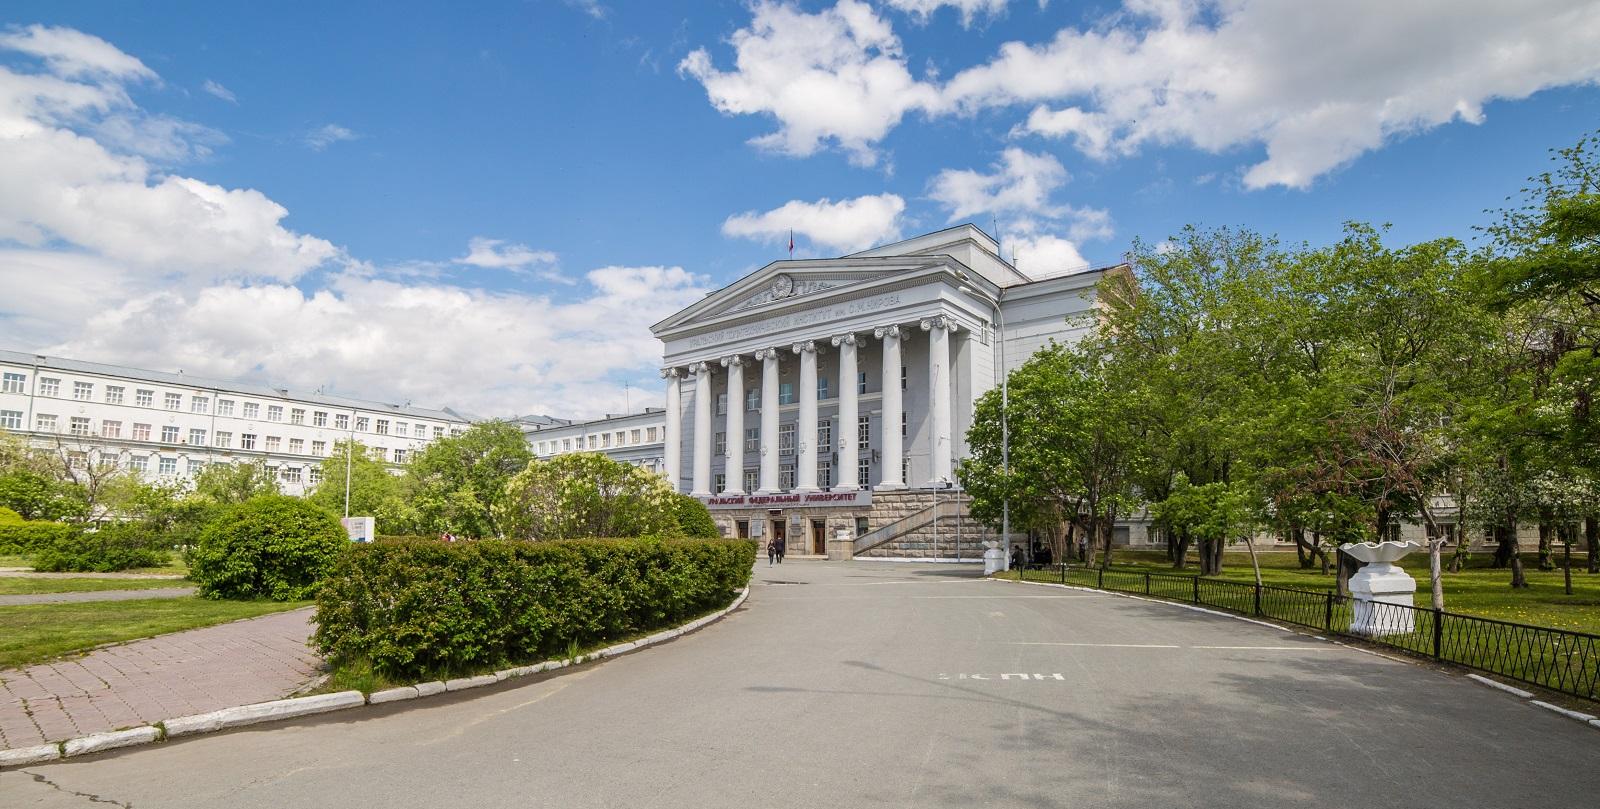 乌拉尔联邦大学是俄罗斯综合大学排名第六、全球排名331名的顶级高校,图为学校基洛夫校区主楼